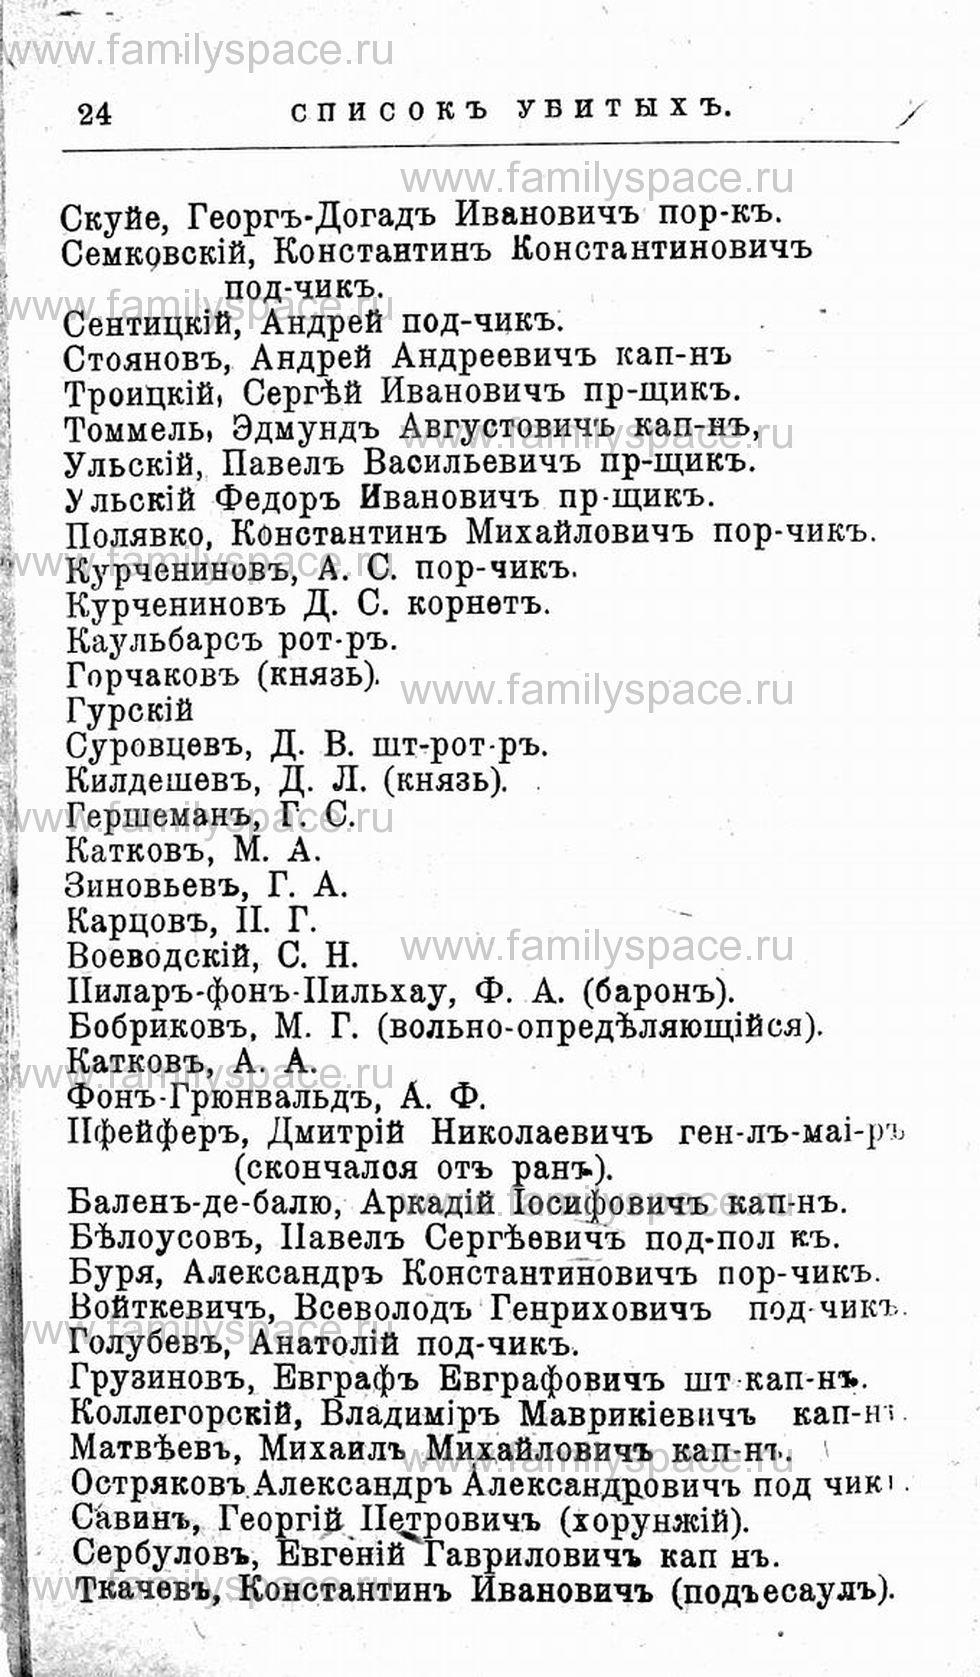 Поиск по фамилии - Первая мировая война - 1914 (списки убитых и раненых), страница 24